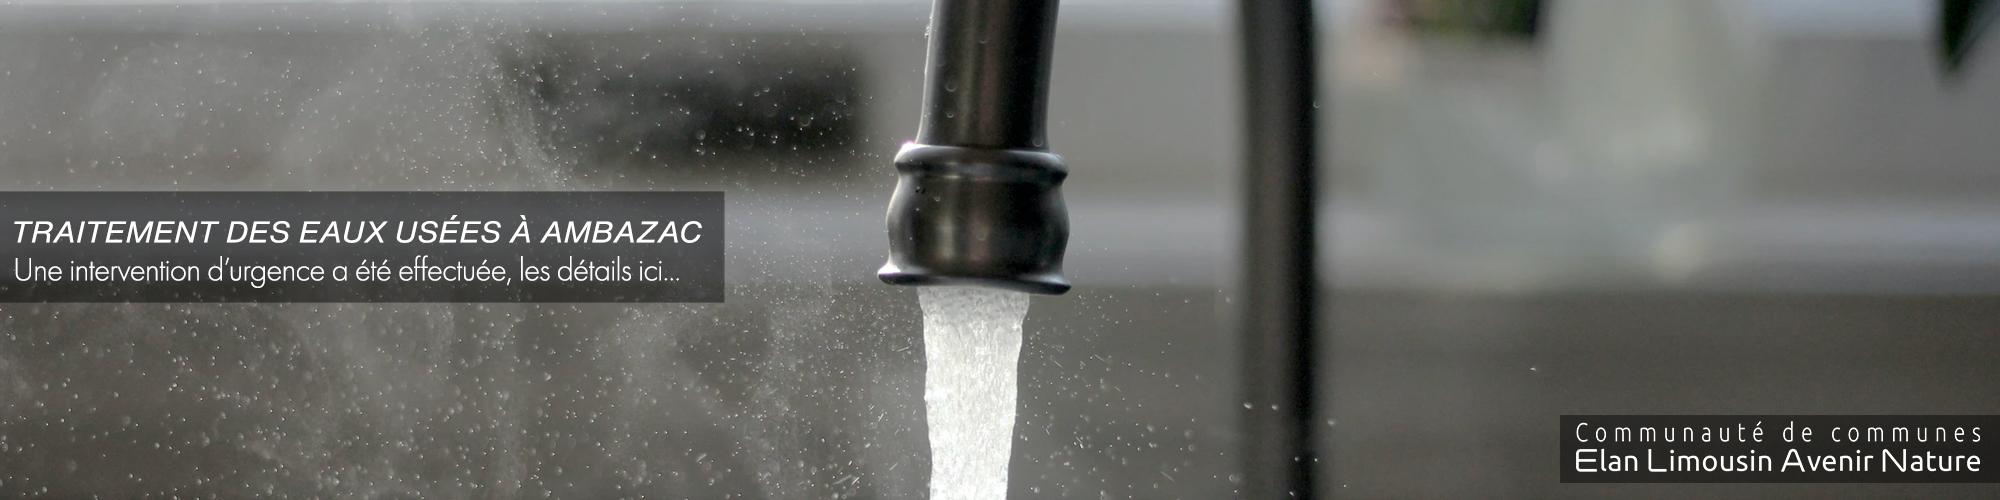 Intervention sur la station de traitement des eaux usées d'Ambazac